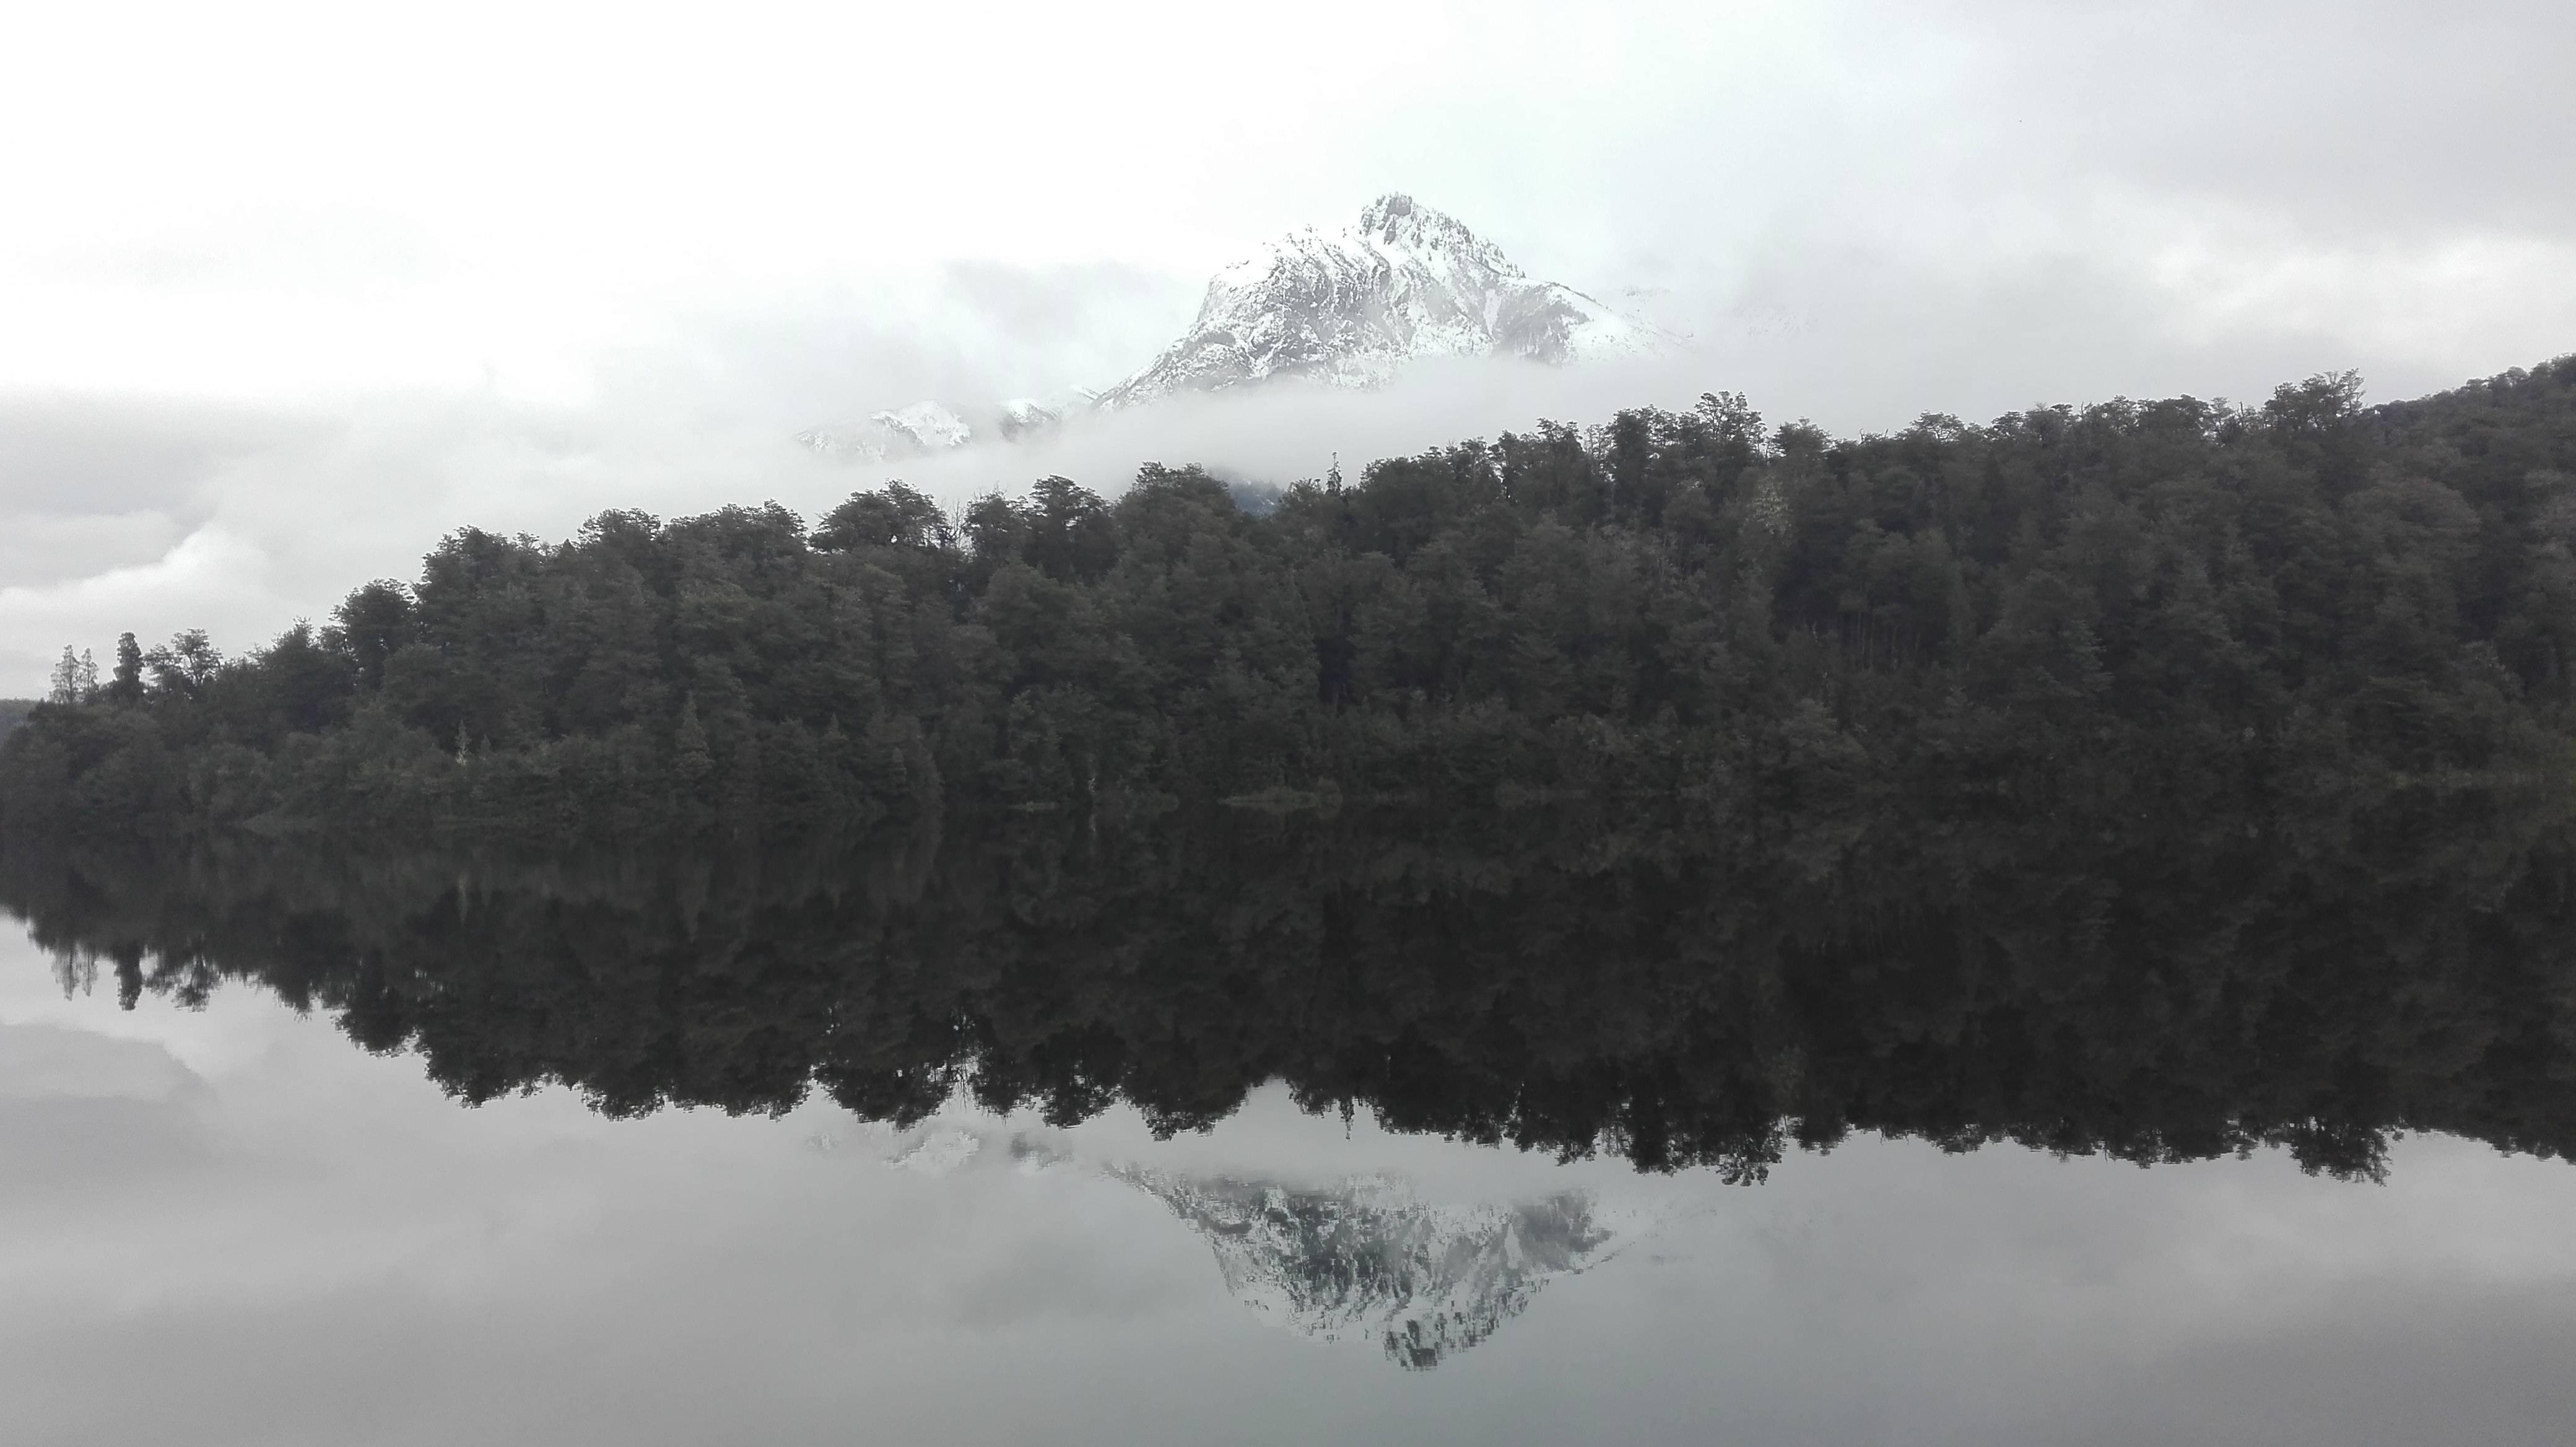 """Photo 2: Bariloche - """"Ma pause nature"""""""